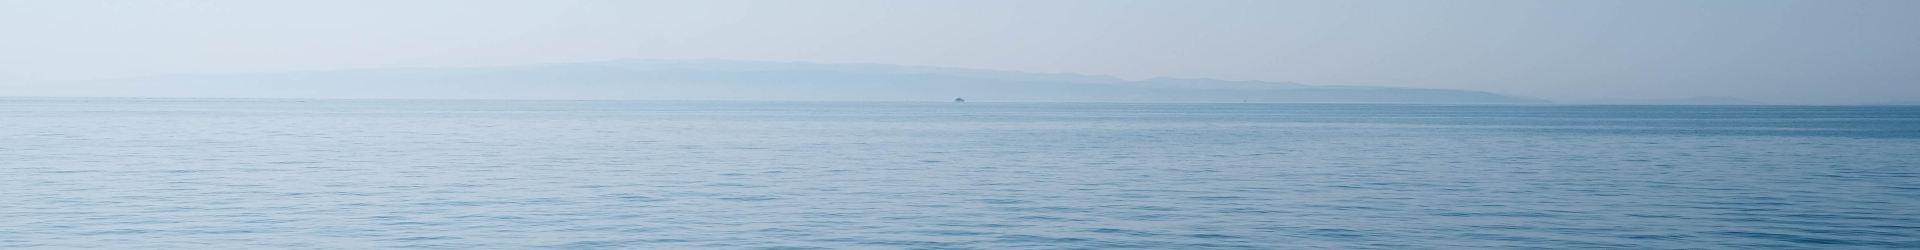 Le acque calme sono profonde